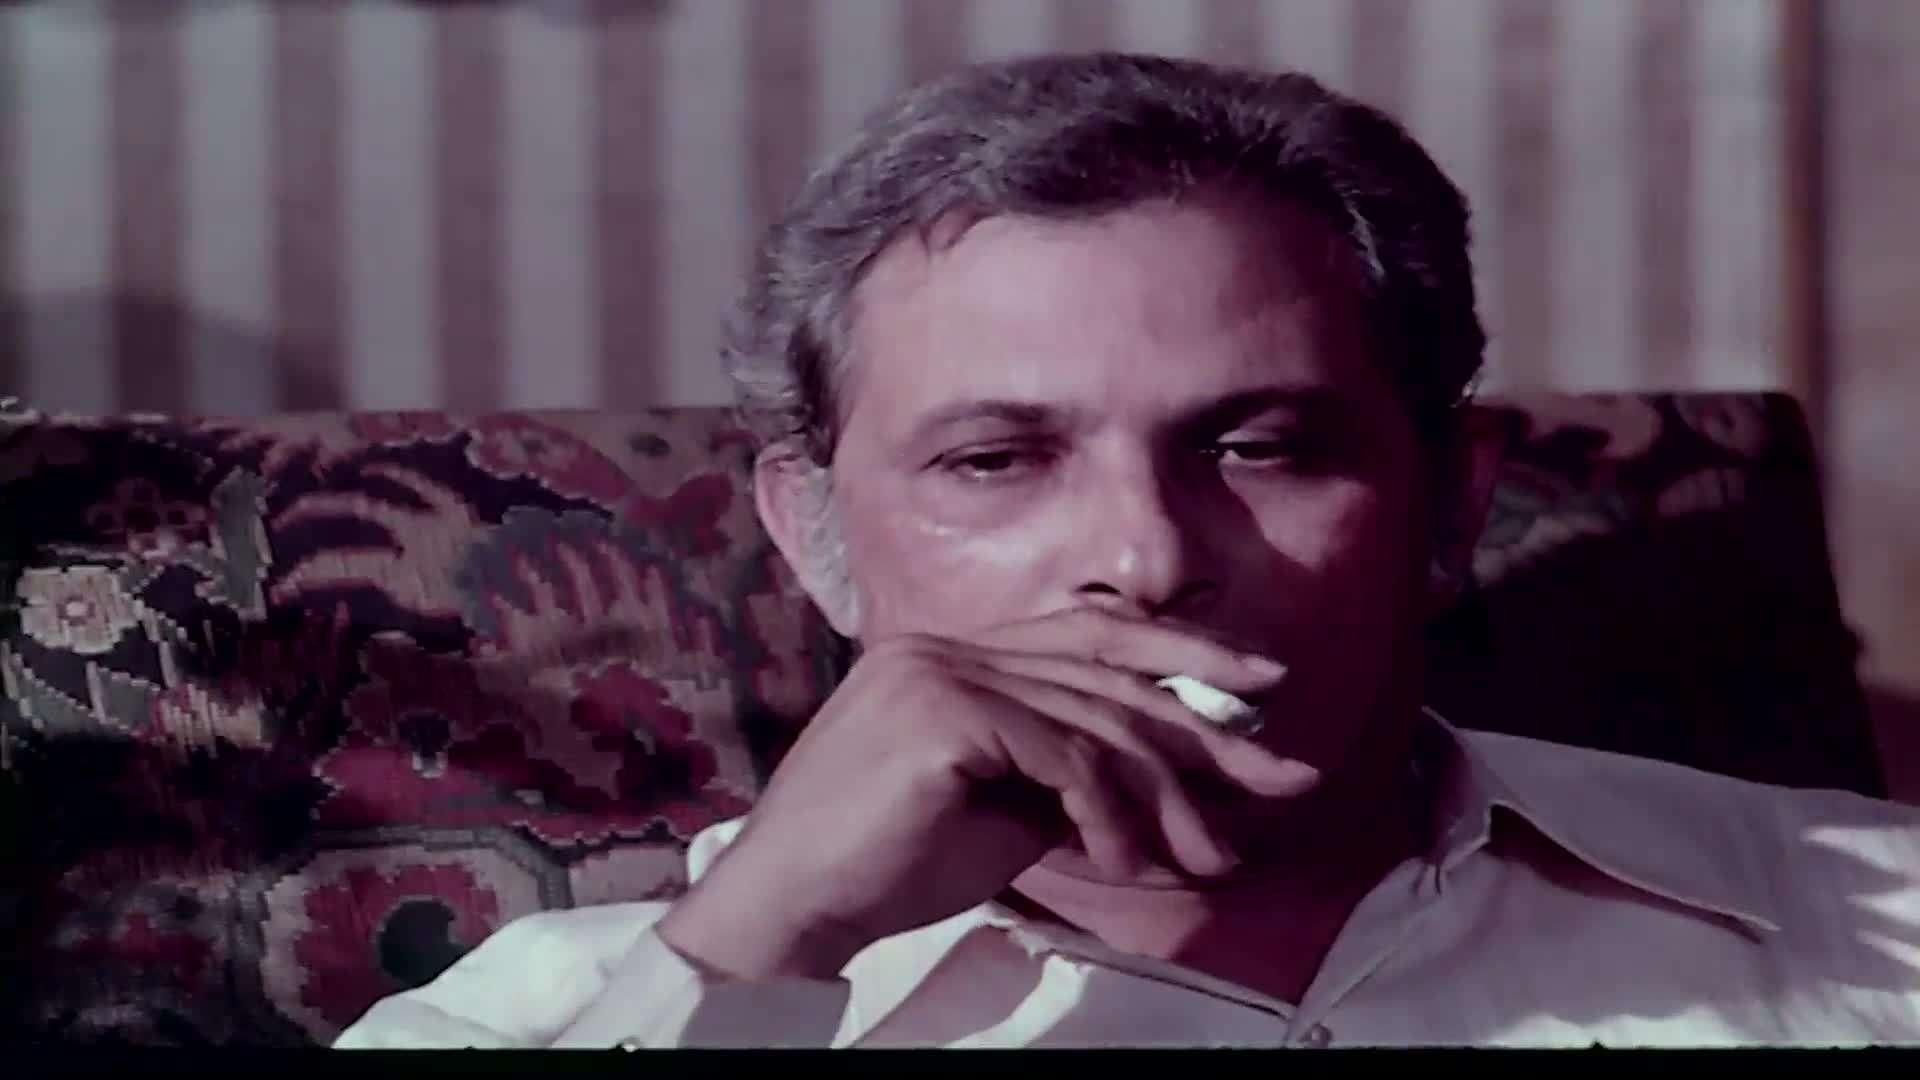 [فيلم][تورنت][تحميل][الجبان والحب][1975][1080p][Web-DL] 9 arabp2p.com